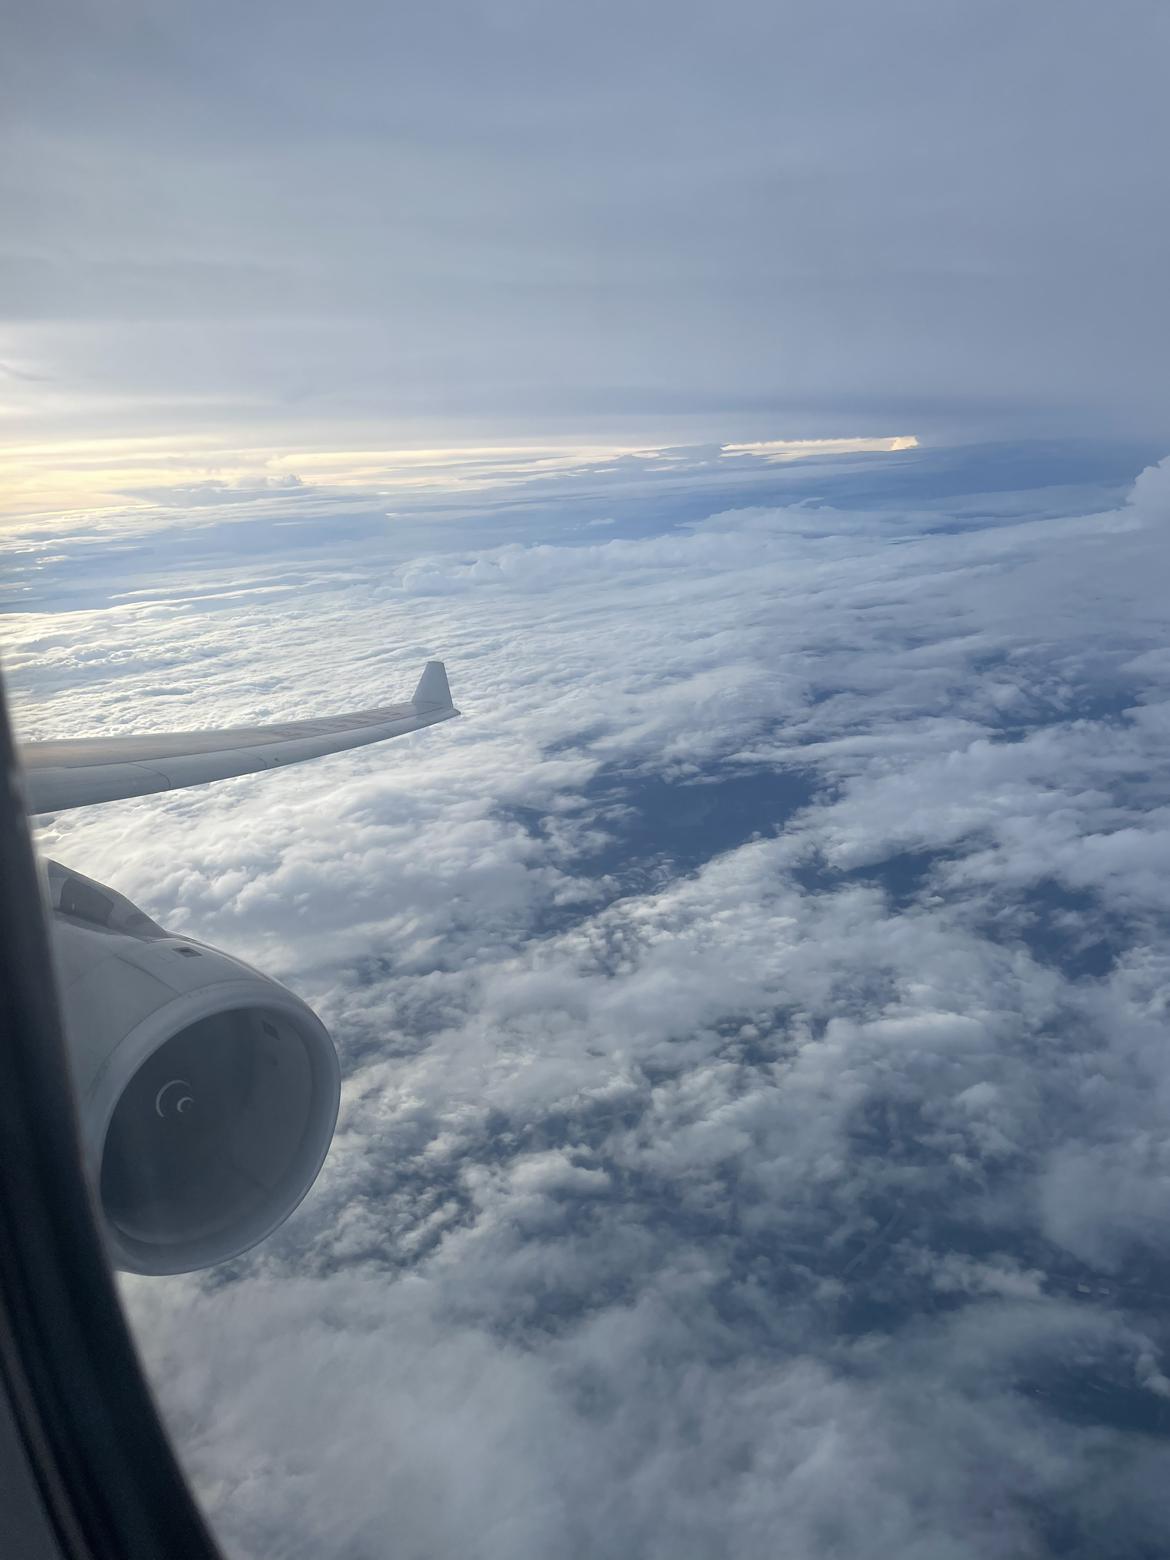 【京沪线南航332商务舱】   PKX-SHA CZ8887 大兴机场第一次初体验!超激动